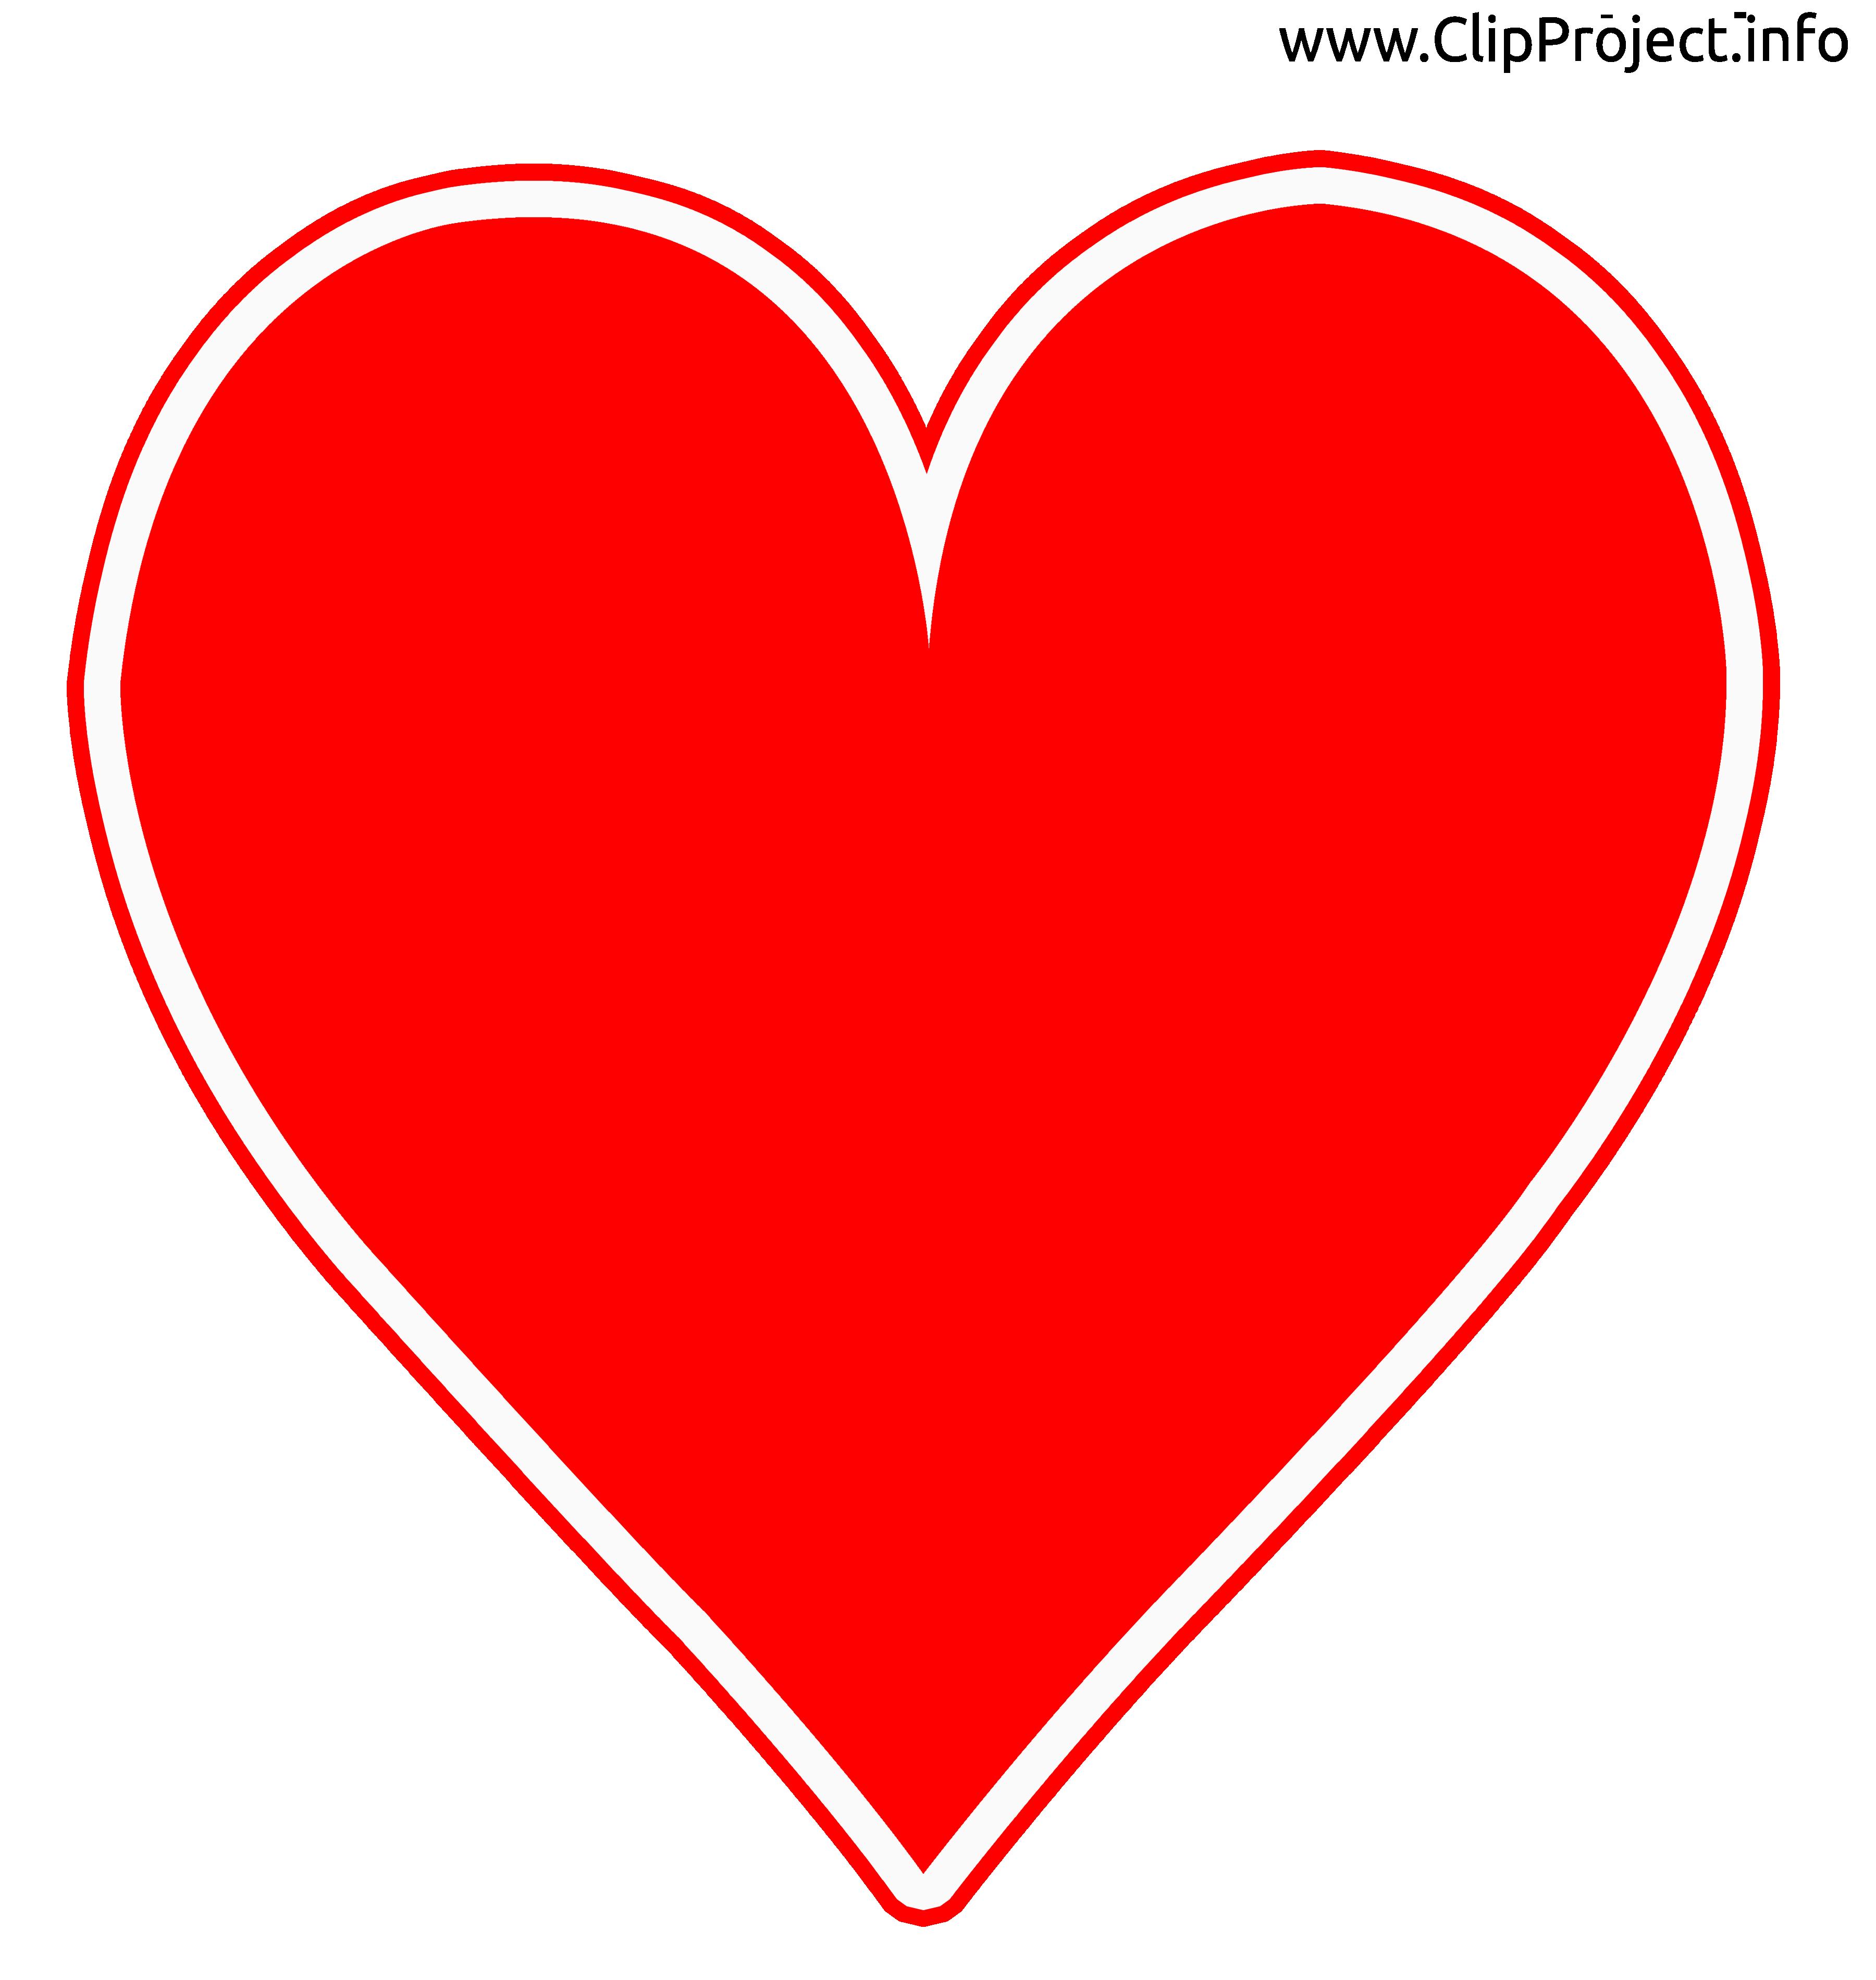 Coeur images - Cartes clip art gratuit